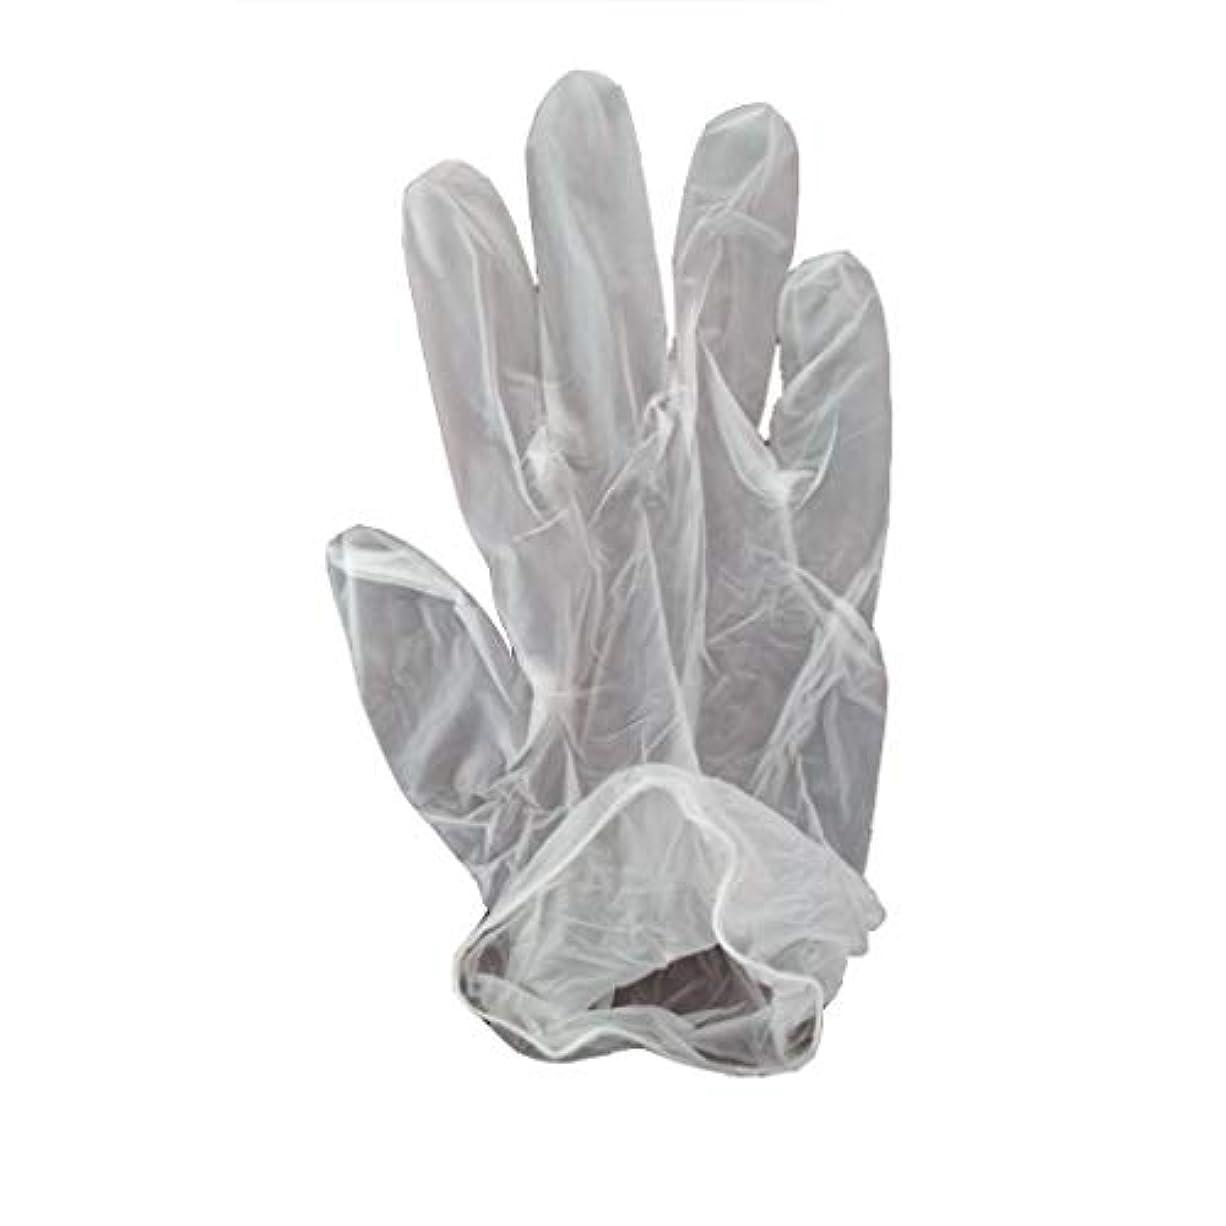 ずんぐりしたクリックペスト100箱の使い捨て手袋、PVC手袋、透明で濃厚なヘアケア手袋。 (サイズ さいず : XL, UnitCount : 200 only)